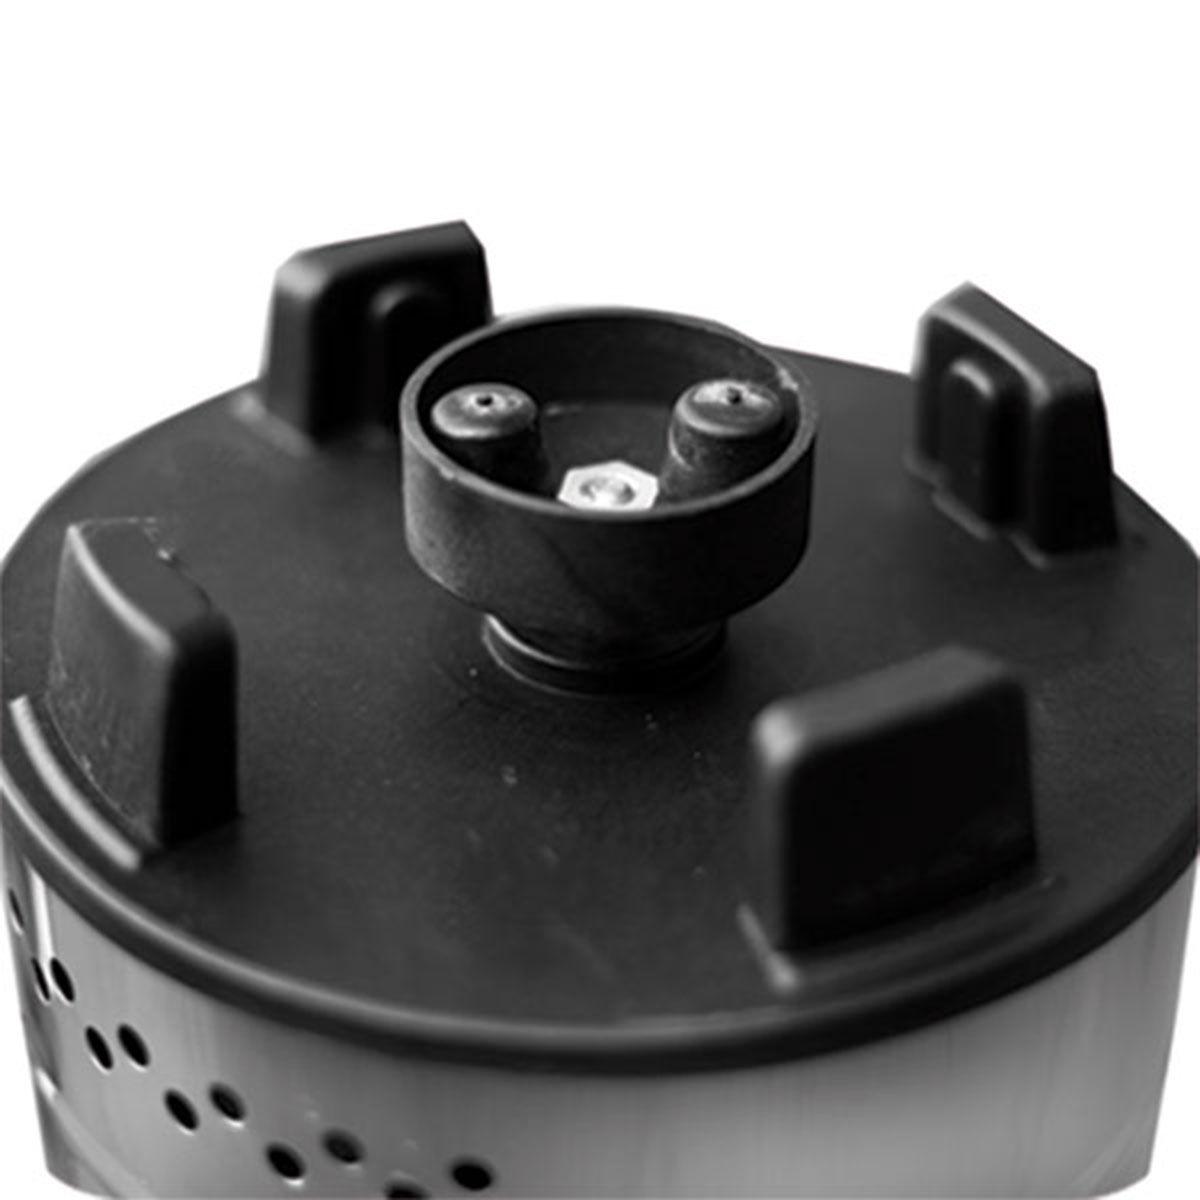 Liquidificador Industrial Attak 8 Litros Baixa Rotação Inox